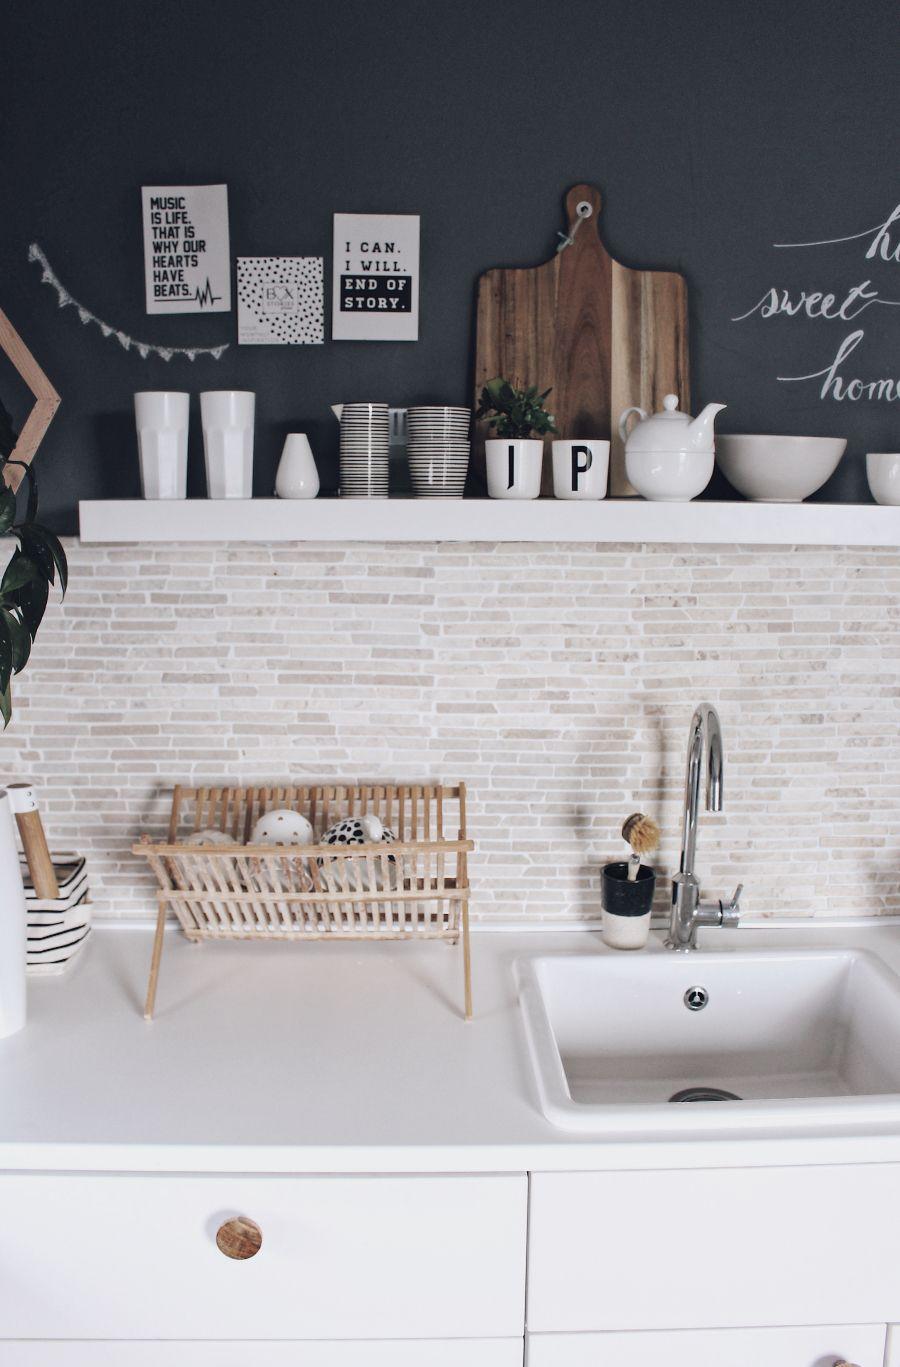 Küche neu gestalten - schnell und einfach mit Tafelfarbe | Kitchens ...